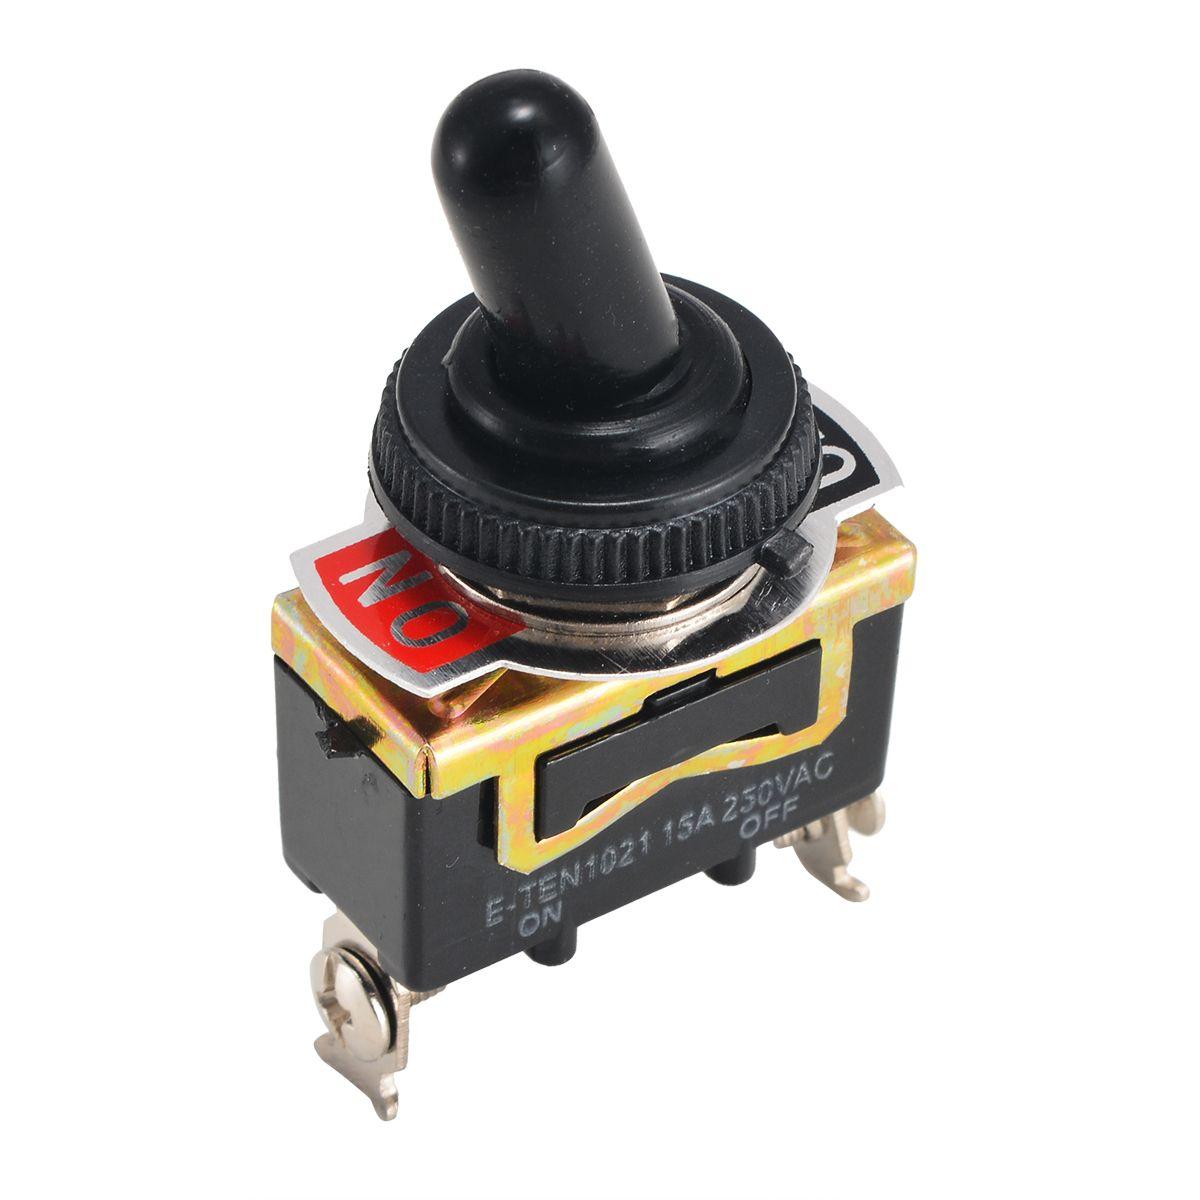 5 stücke Mayitr Hohe Qualität AUF/OFF Rocker Toggle Schalter Interruptor Heavy Duty 15A 250 v SPST 2 Pin schalter Wasserdicht Boot